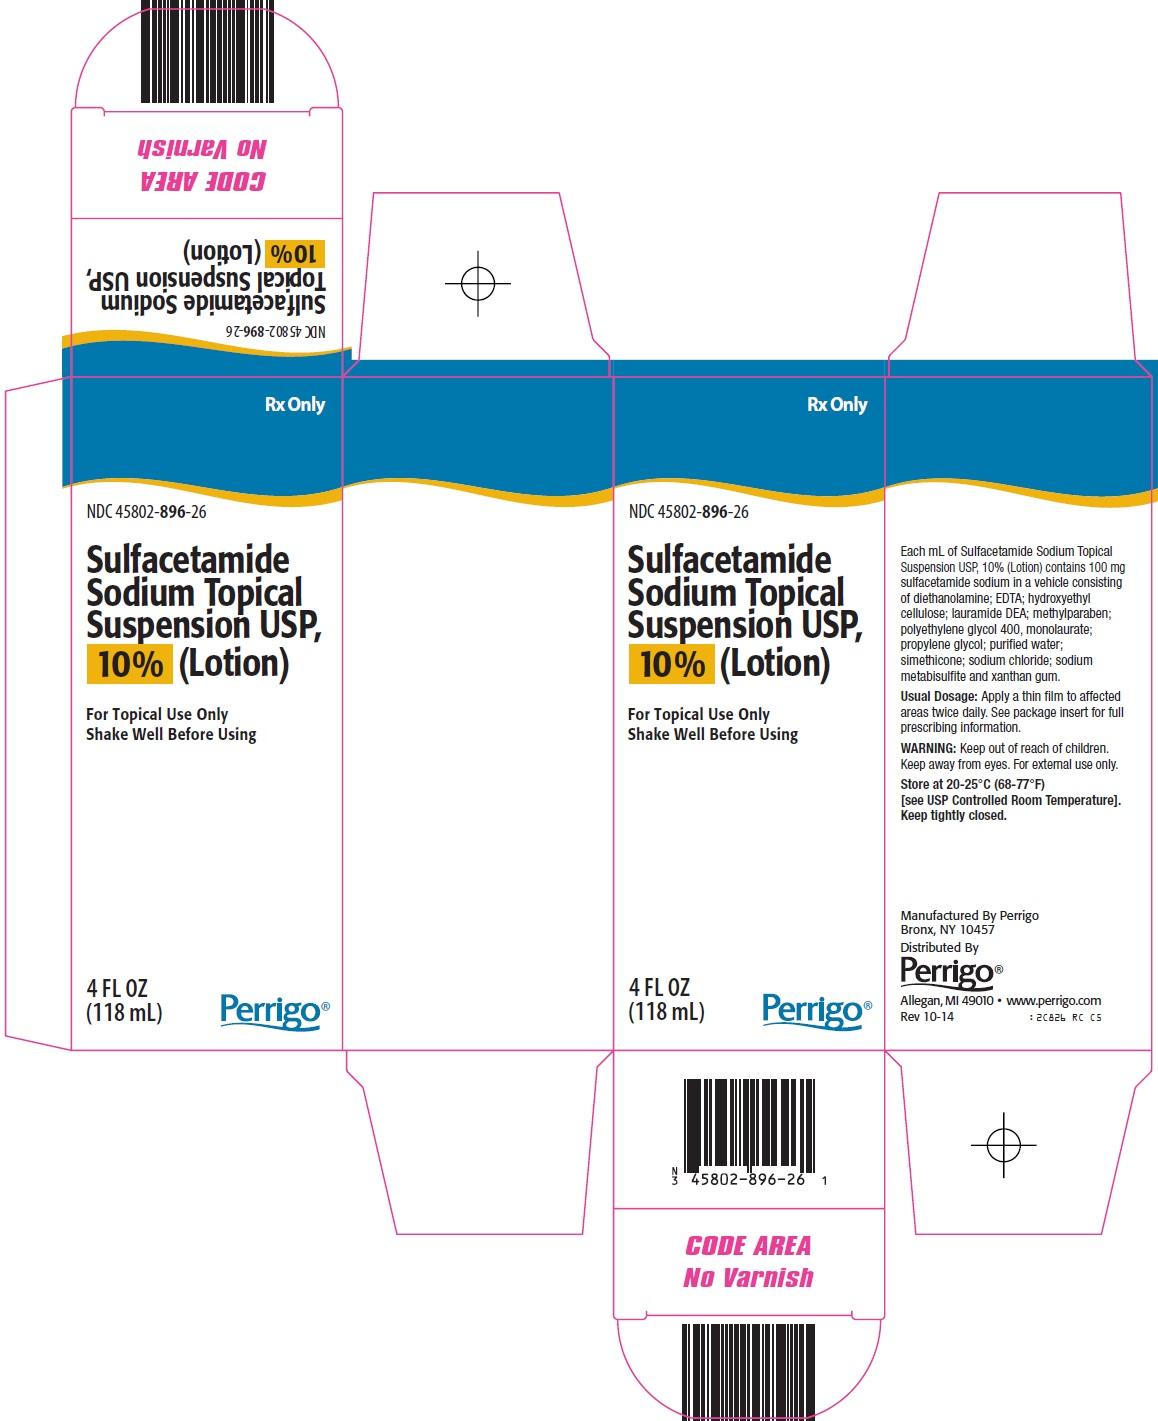 Sulfacetamide Sodium Topical Suspension Carton